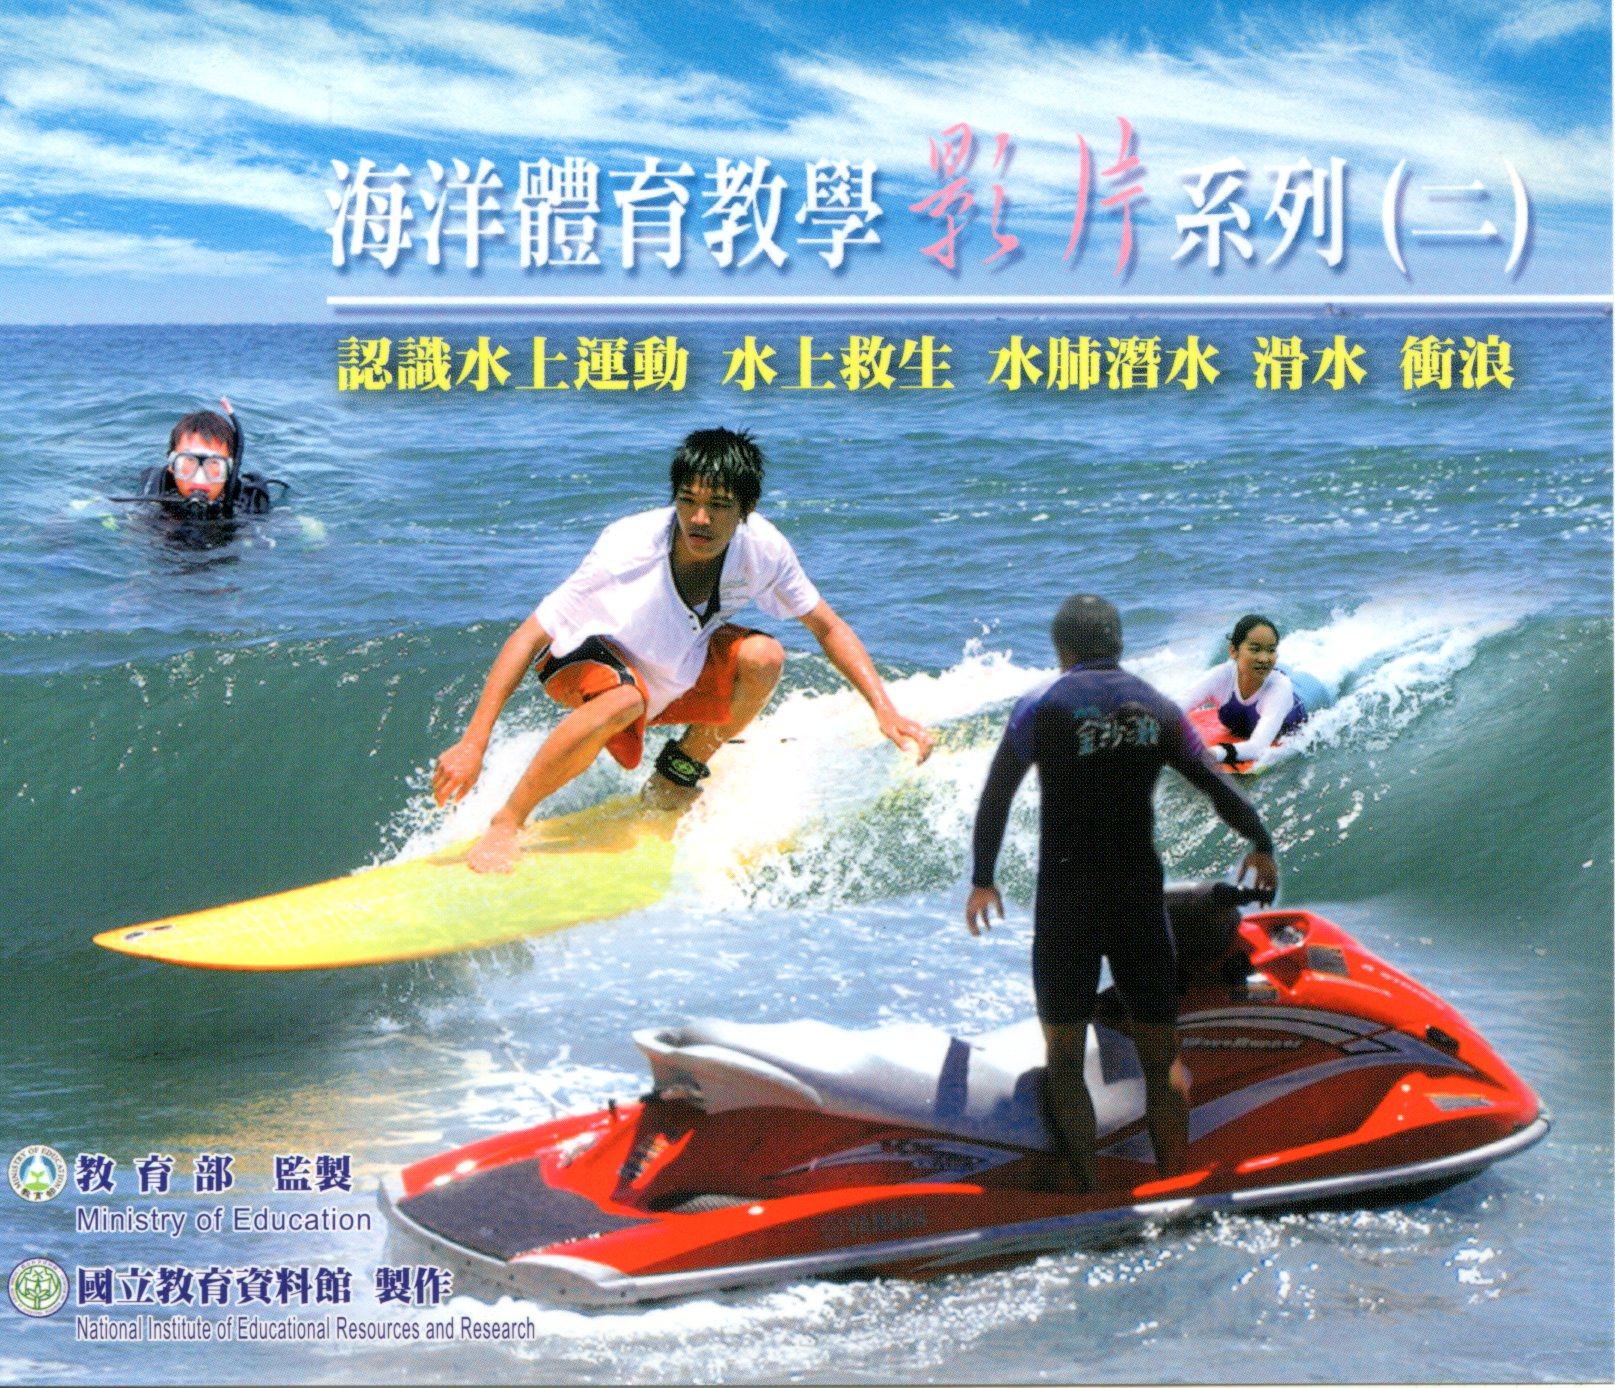 海洋體育教學影片系列 認識水上運動.水上救生.水肺潛水.滑水.衝浪 /